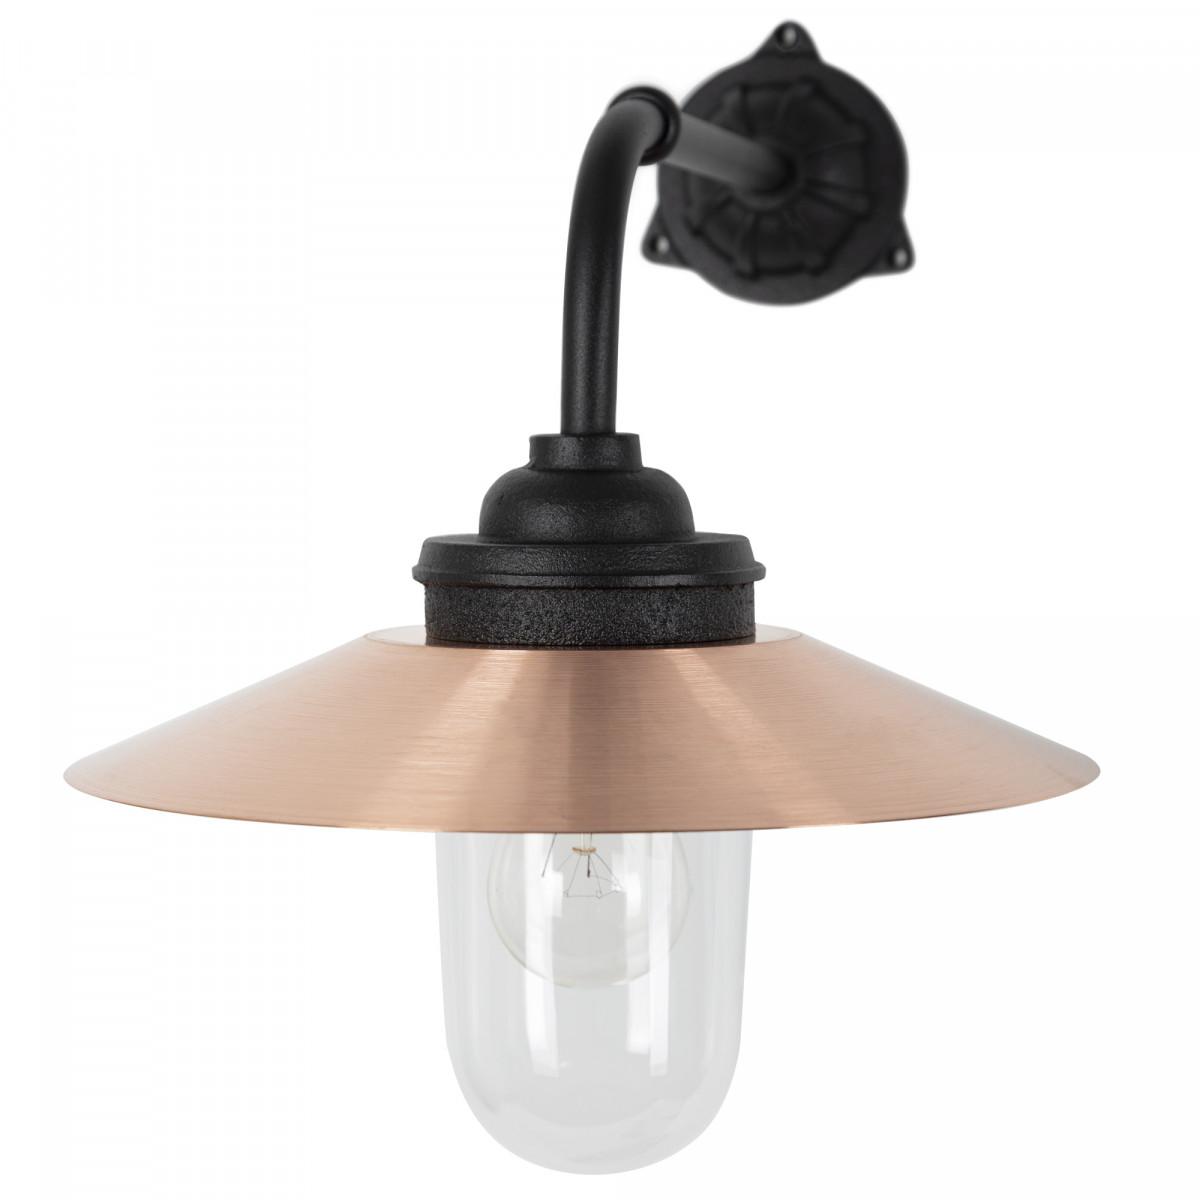 Provence Hofleuchte Schwarz & Kupfer Außenwandlampe